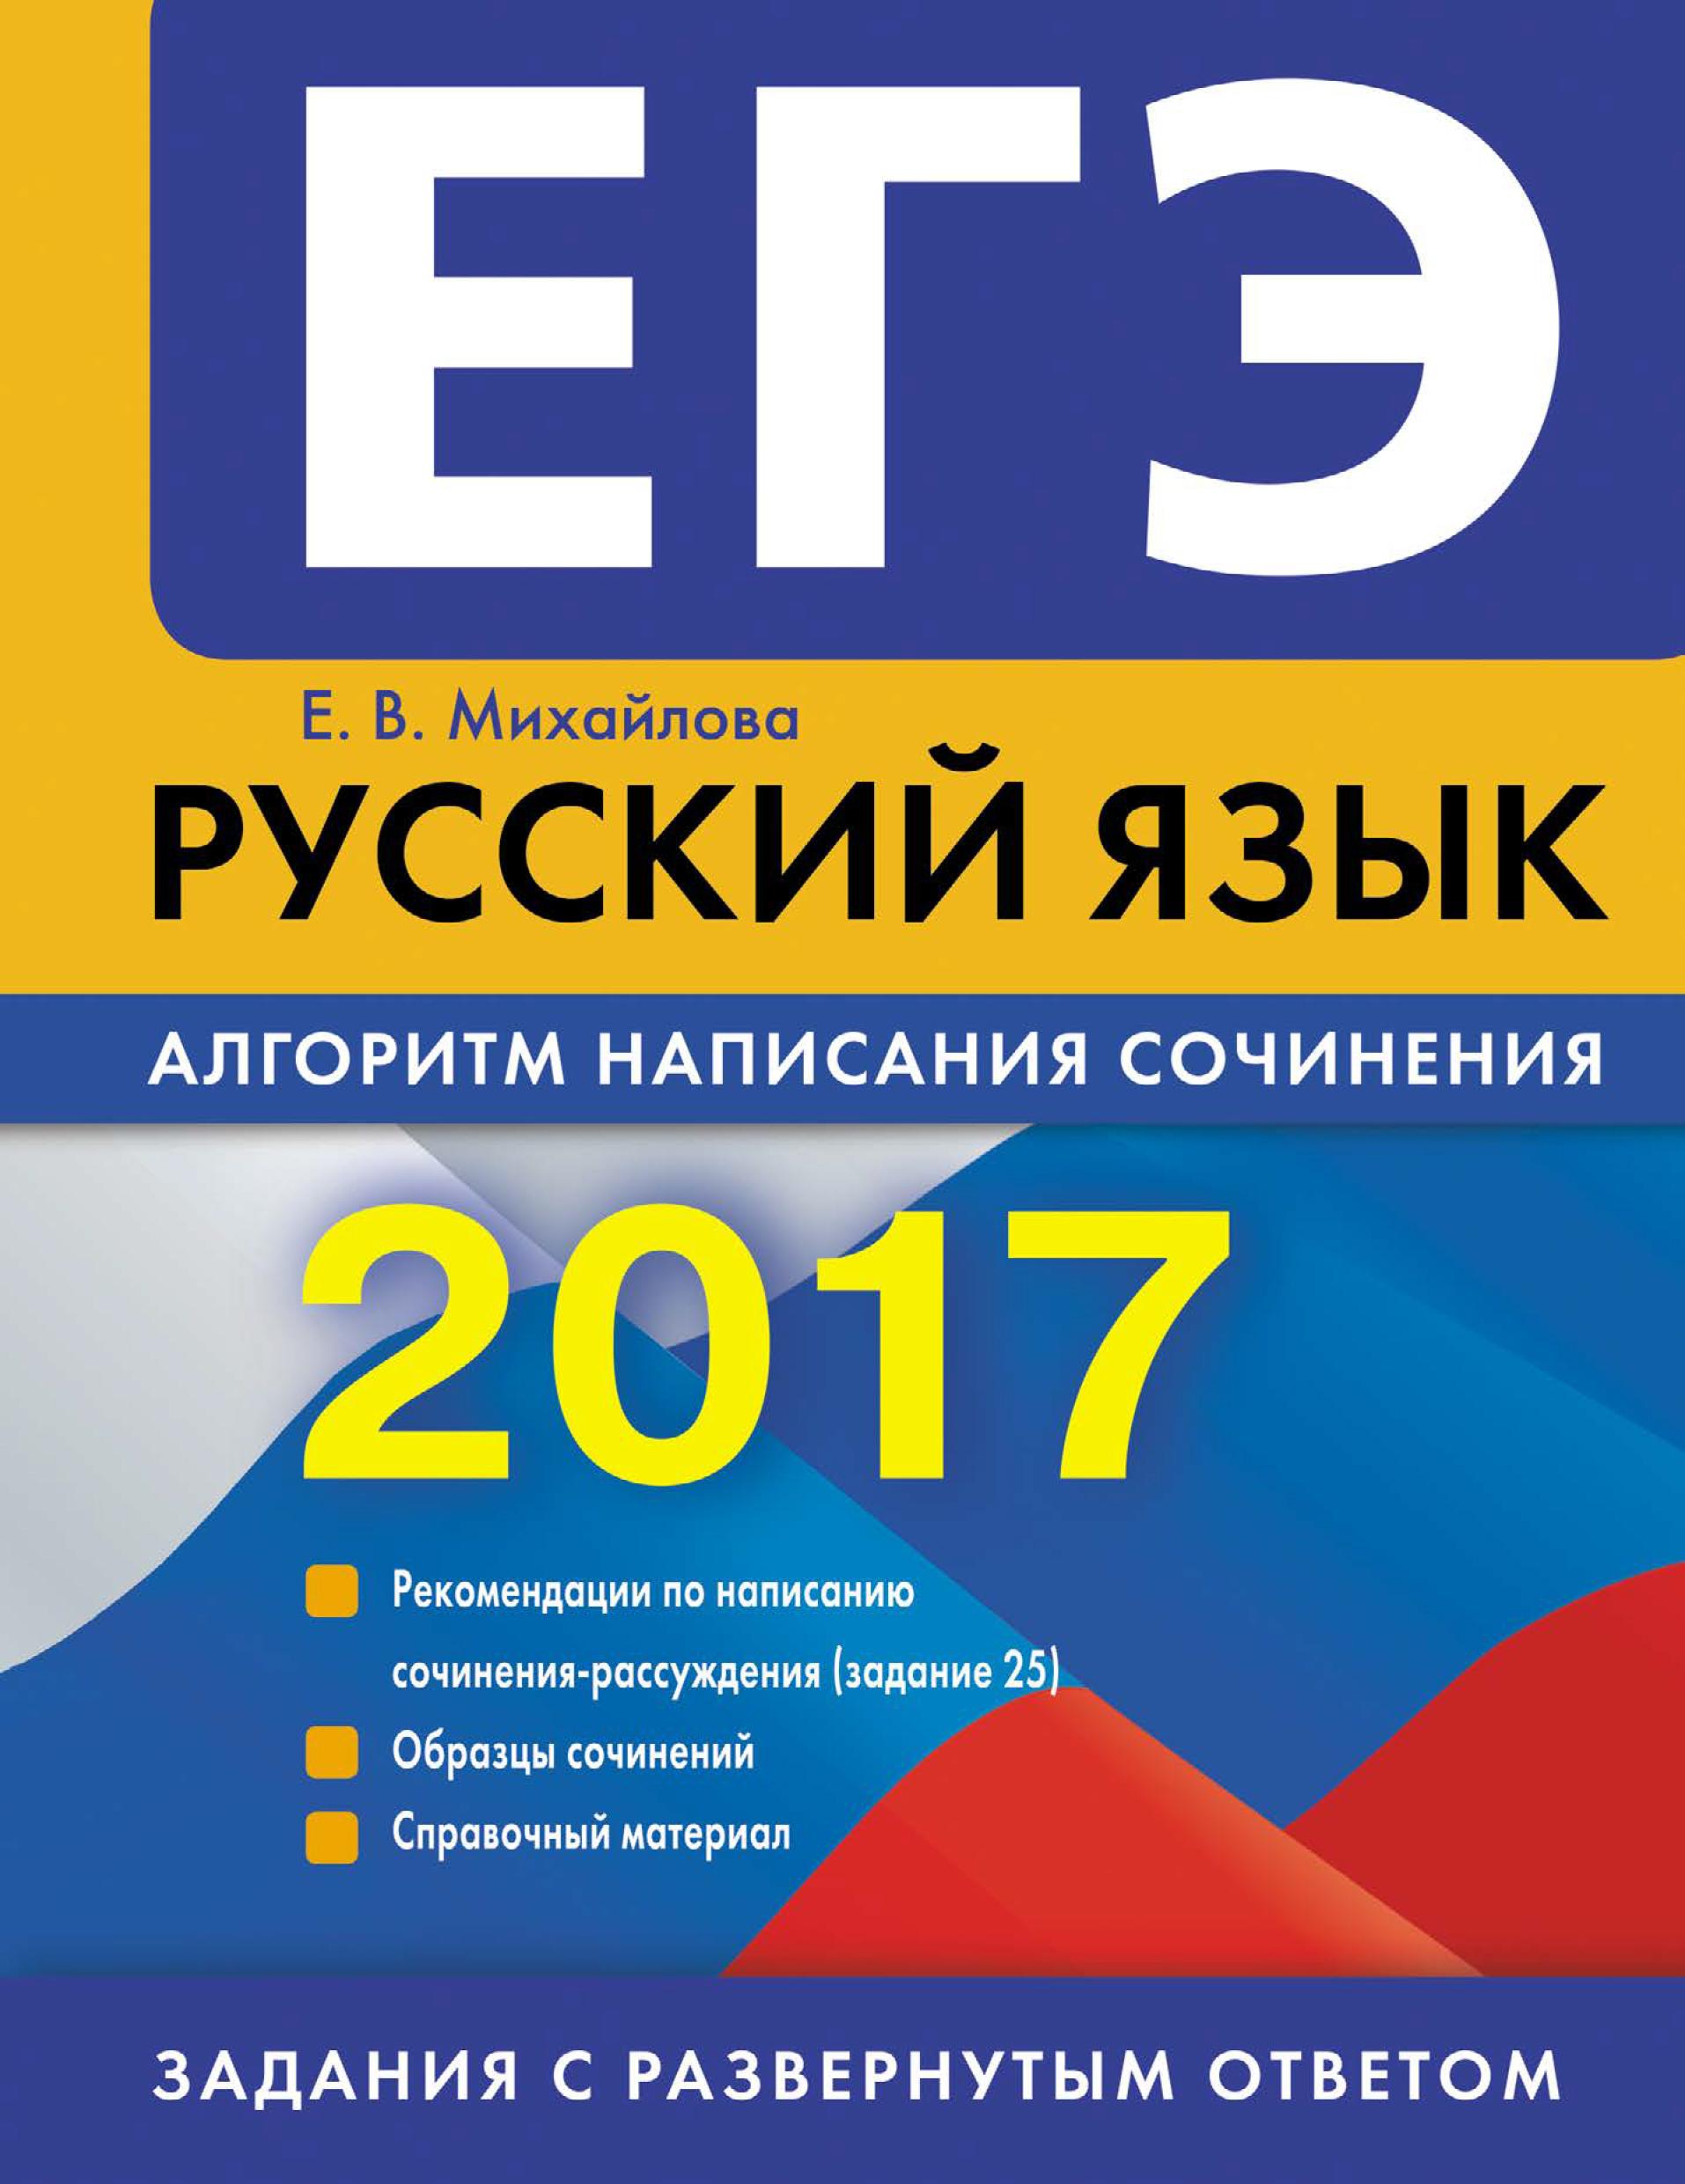 Е. В. Михайлова ЕГЭ-2017. Русский язык. Алгоритм написания сочинения цена